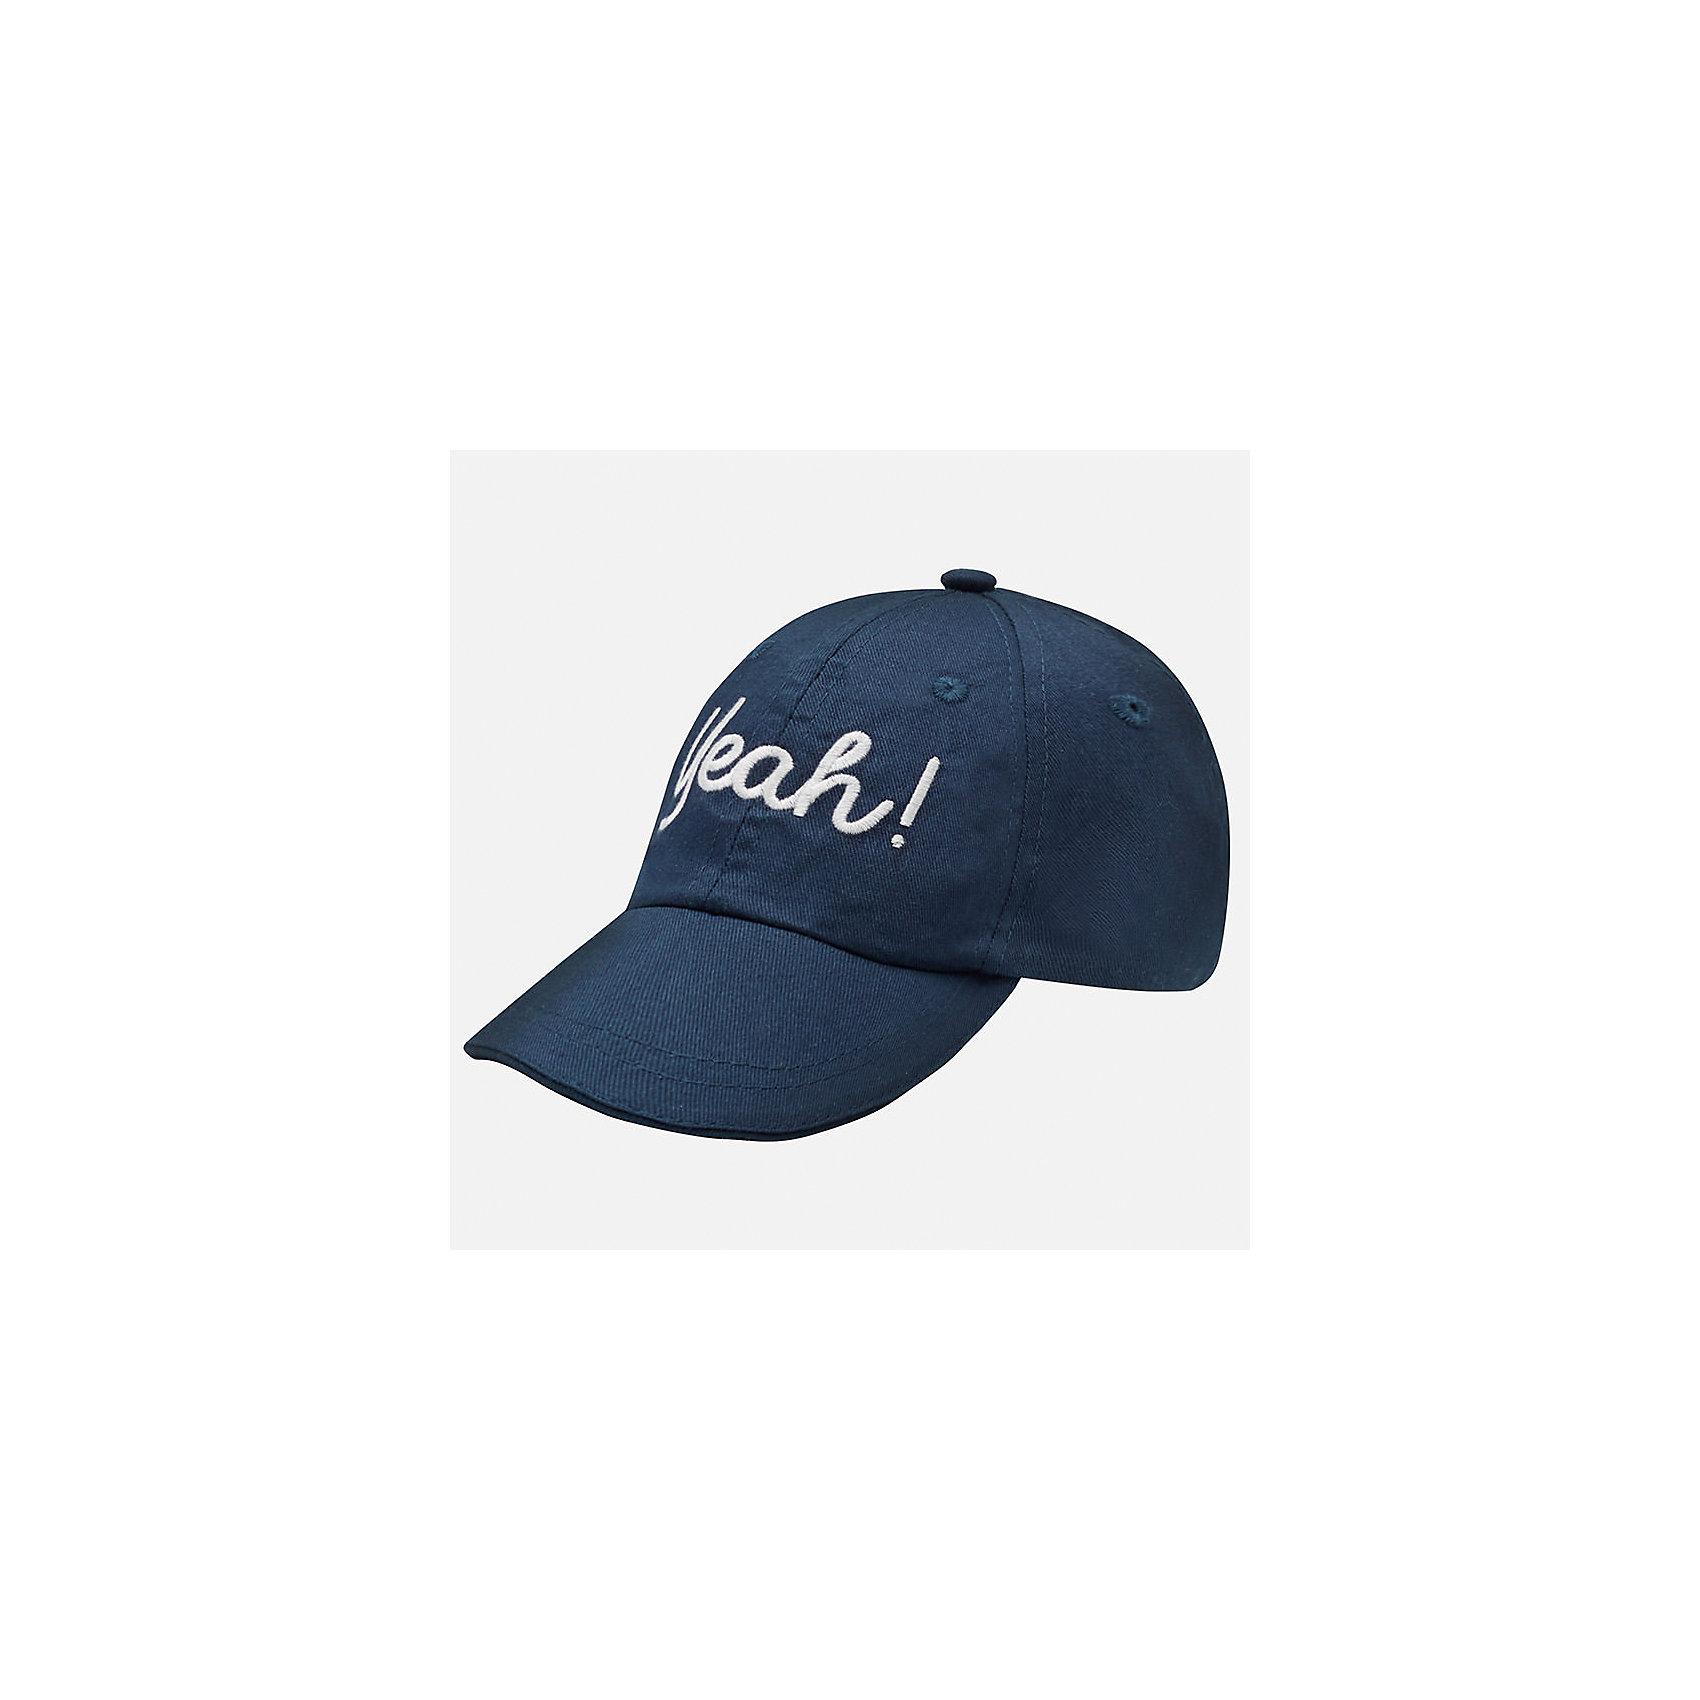 Кепка для мальчика MayoralЛетние<br>Характеристики товара:<br><br>• цвет: тёмно-синий<br>• состав: 100% хлопок, подкладка - 80% полиэстер, 20% хлопок<br>• сзади - резинка<br>• отверстия для вентиляции<br>• декорирована вышивкой<br>• страна бренда: Испания<br><br>Красивая удобная кепка поможет обеспечить ребенку защиту от солнца и дополнить наряд. Универсальный цвет позволяет надевать её под одежду различных расцветок. Кепка удобно сидит и красиво смотрится. В составе материала - натуральный хлопок, гипоаллергенный, приятный на ощупь, дышащий. <br><br>Одежда, обувь и аксессуары от испанского бренда Mayoral полюбились детям и взрослым по всему миру. Модели этой марки - стильные и удобные. Для их производства используются только безопасные, качественные материалы и фурнитура. Порадуйте ребенка модными и красивыми вещами от Mayoral! <br><br>Кепку для мальчика от испанского бренда Mayoral (Майорал) можно купить в нашем интернет-магазине.<br><br>Ширина мм: 89<br>Глубина мм: 117<br>Высота мм: 44<br>Вес г: 155<br>Цвет: синий<br>Возраст от месяцев: 12<br>Возраст до месяцев: 18<br>Пол: Мужской<br>Возраст: Детский<br>Размер: 48,50<br>SKU: 5294259